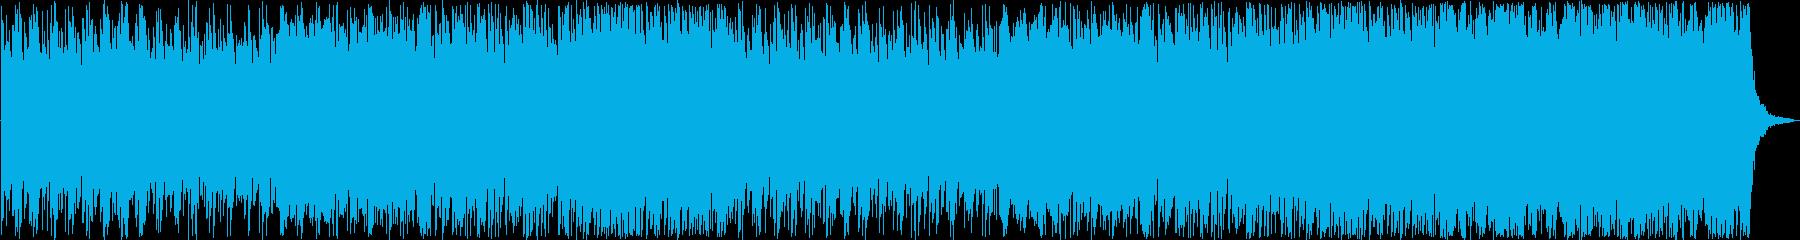 5拍子のバトル系和風楽曲の再生済みの波形